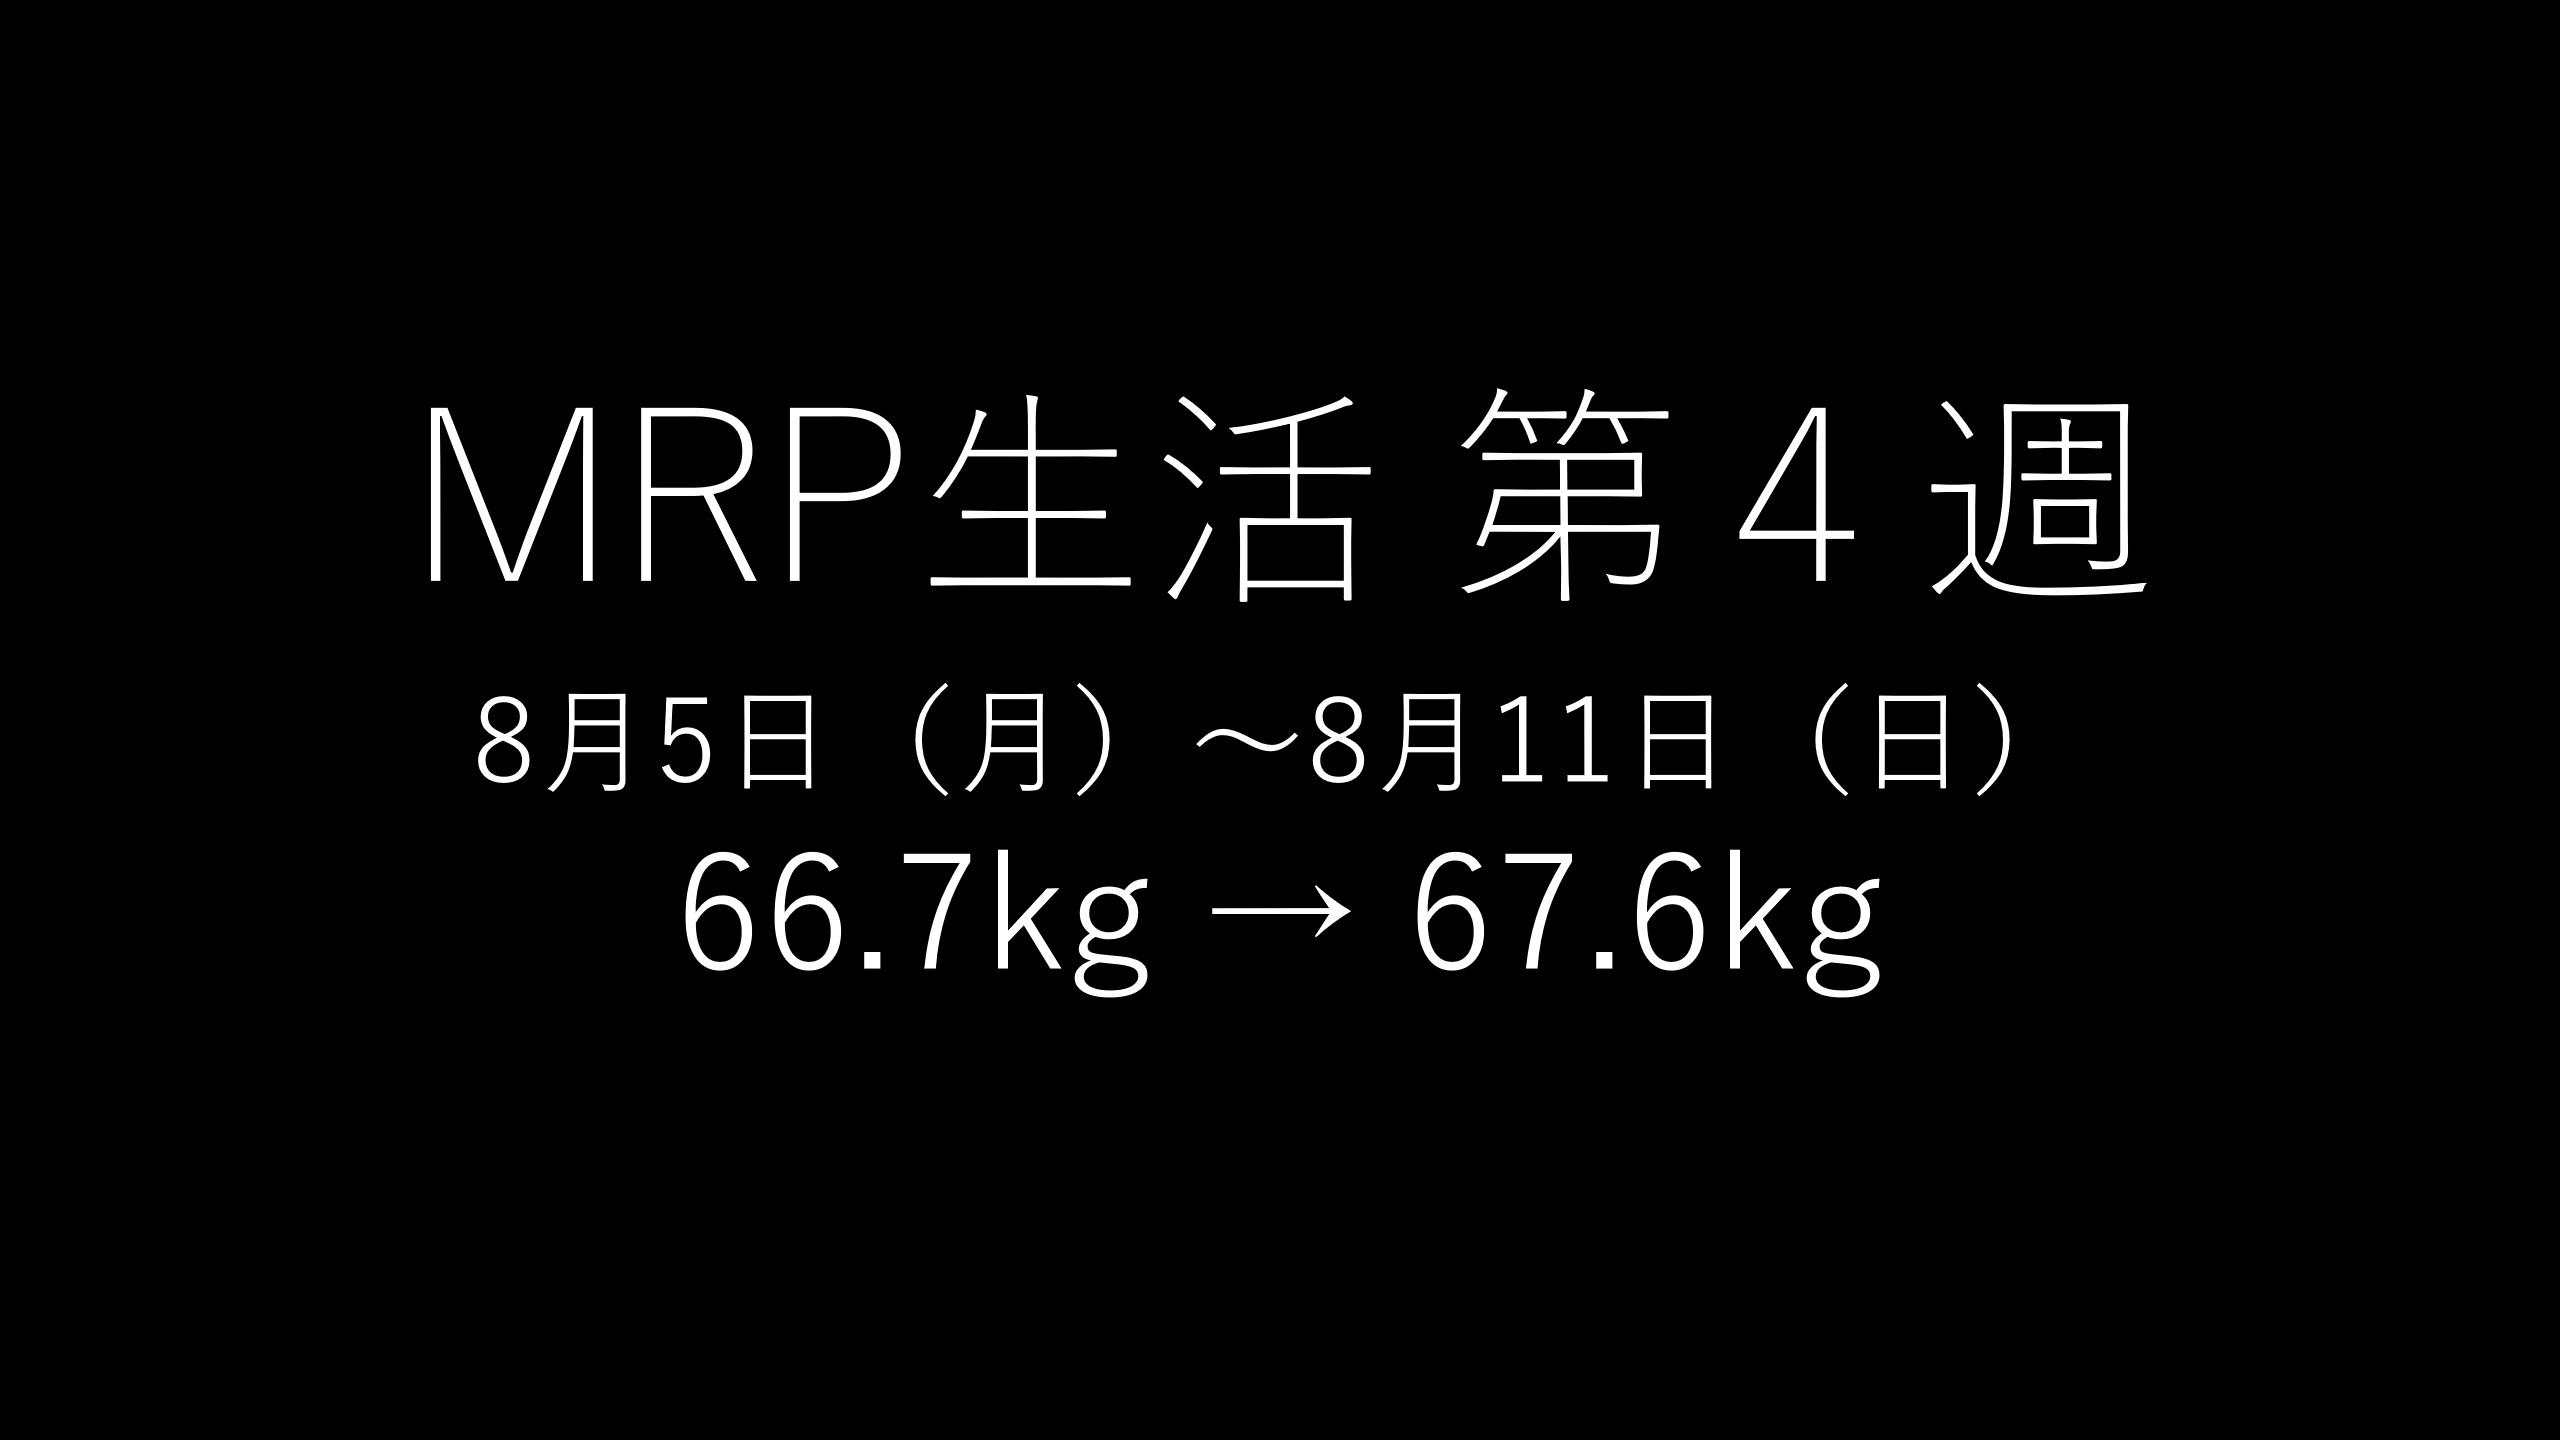 「基本的にMRPだけで生きてみる」第4回のアイキャッチ画像